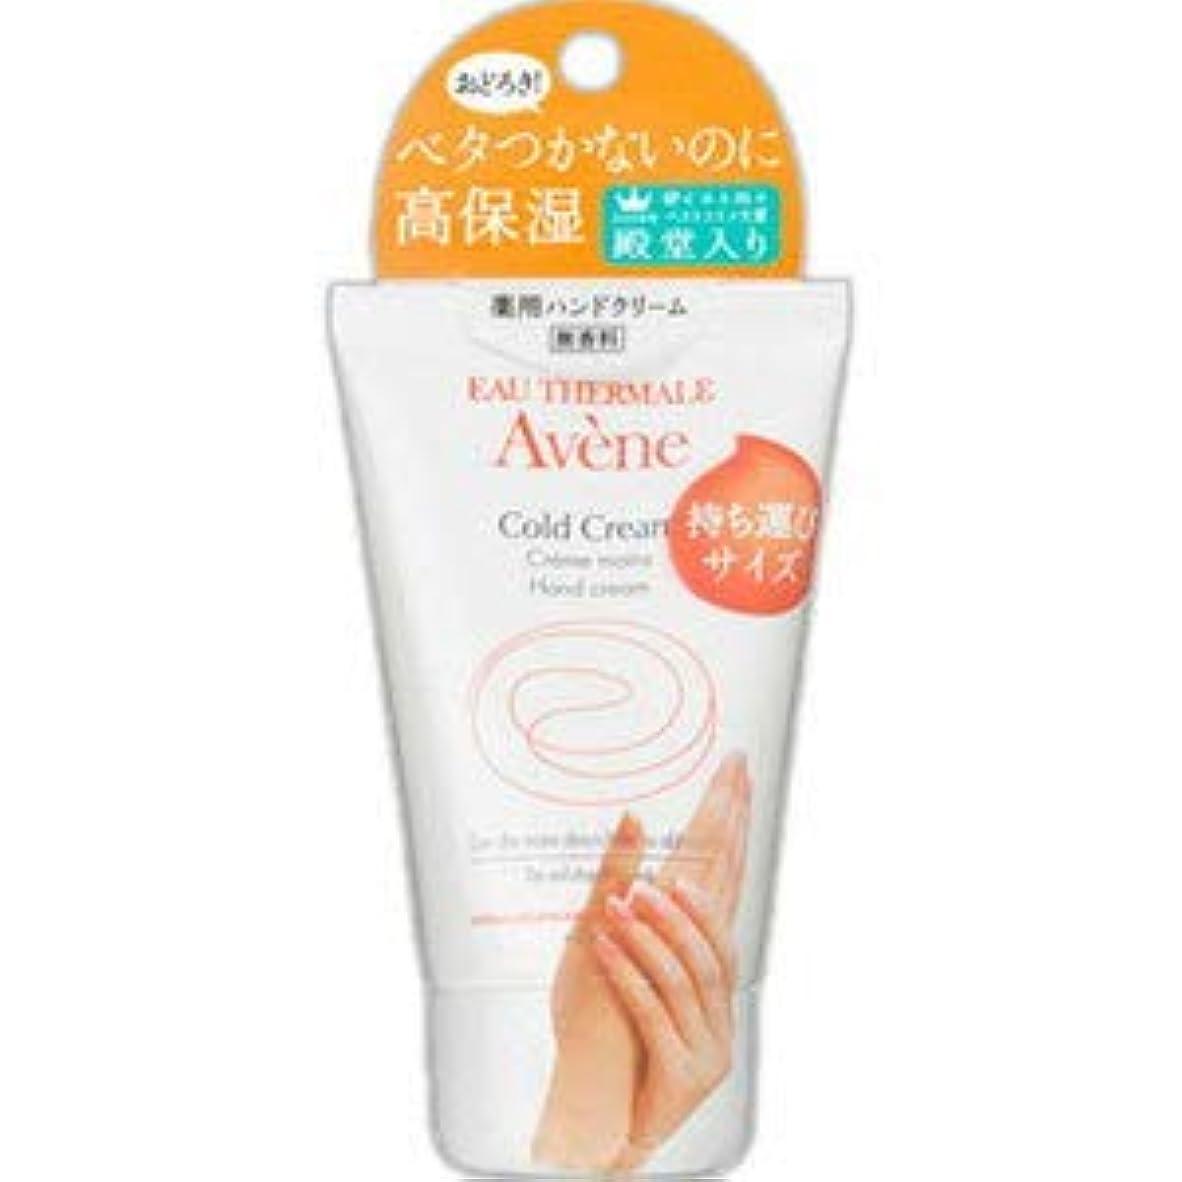 乳剤約束するサンプルアベンヌ 薬用ハンドクリーム スモール 51g